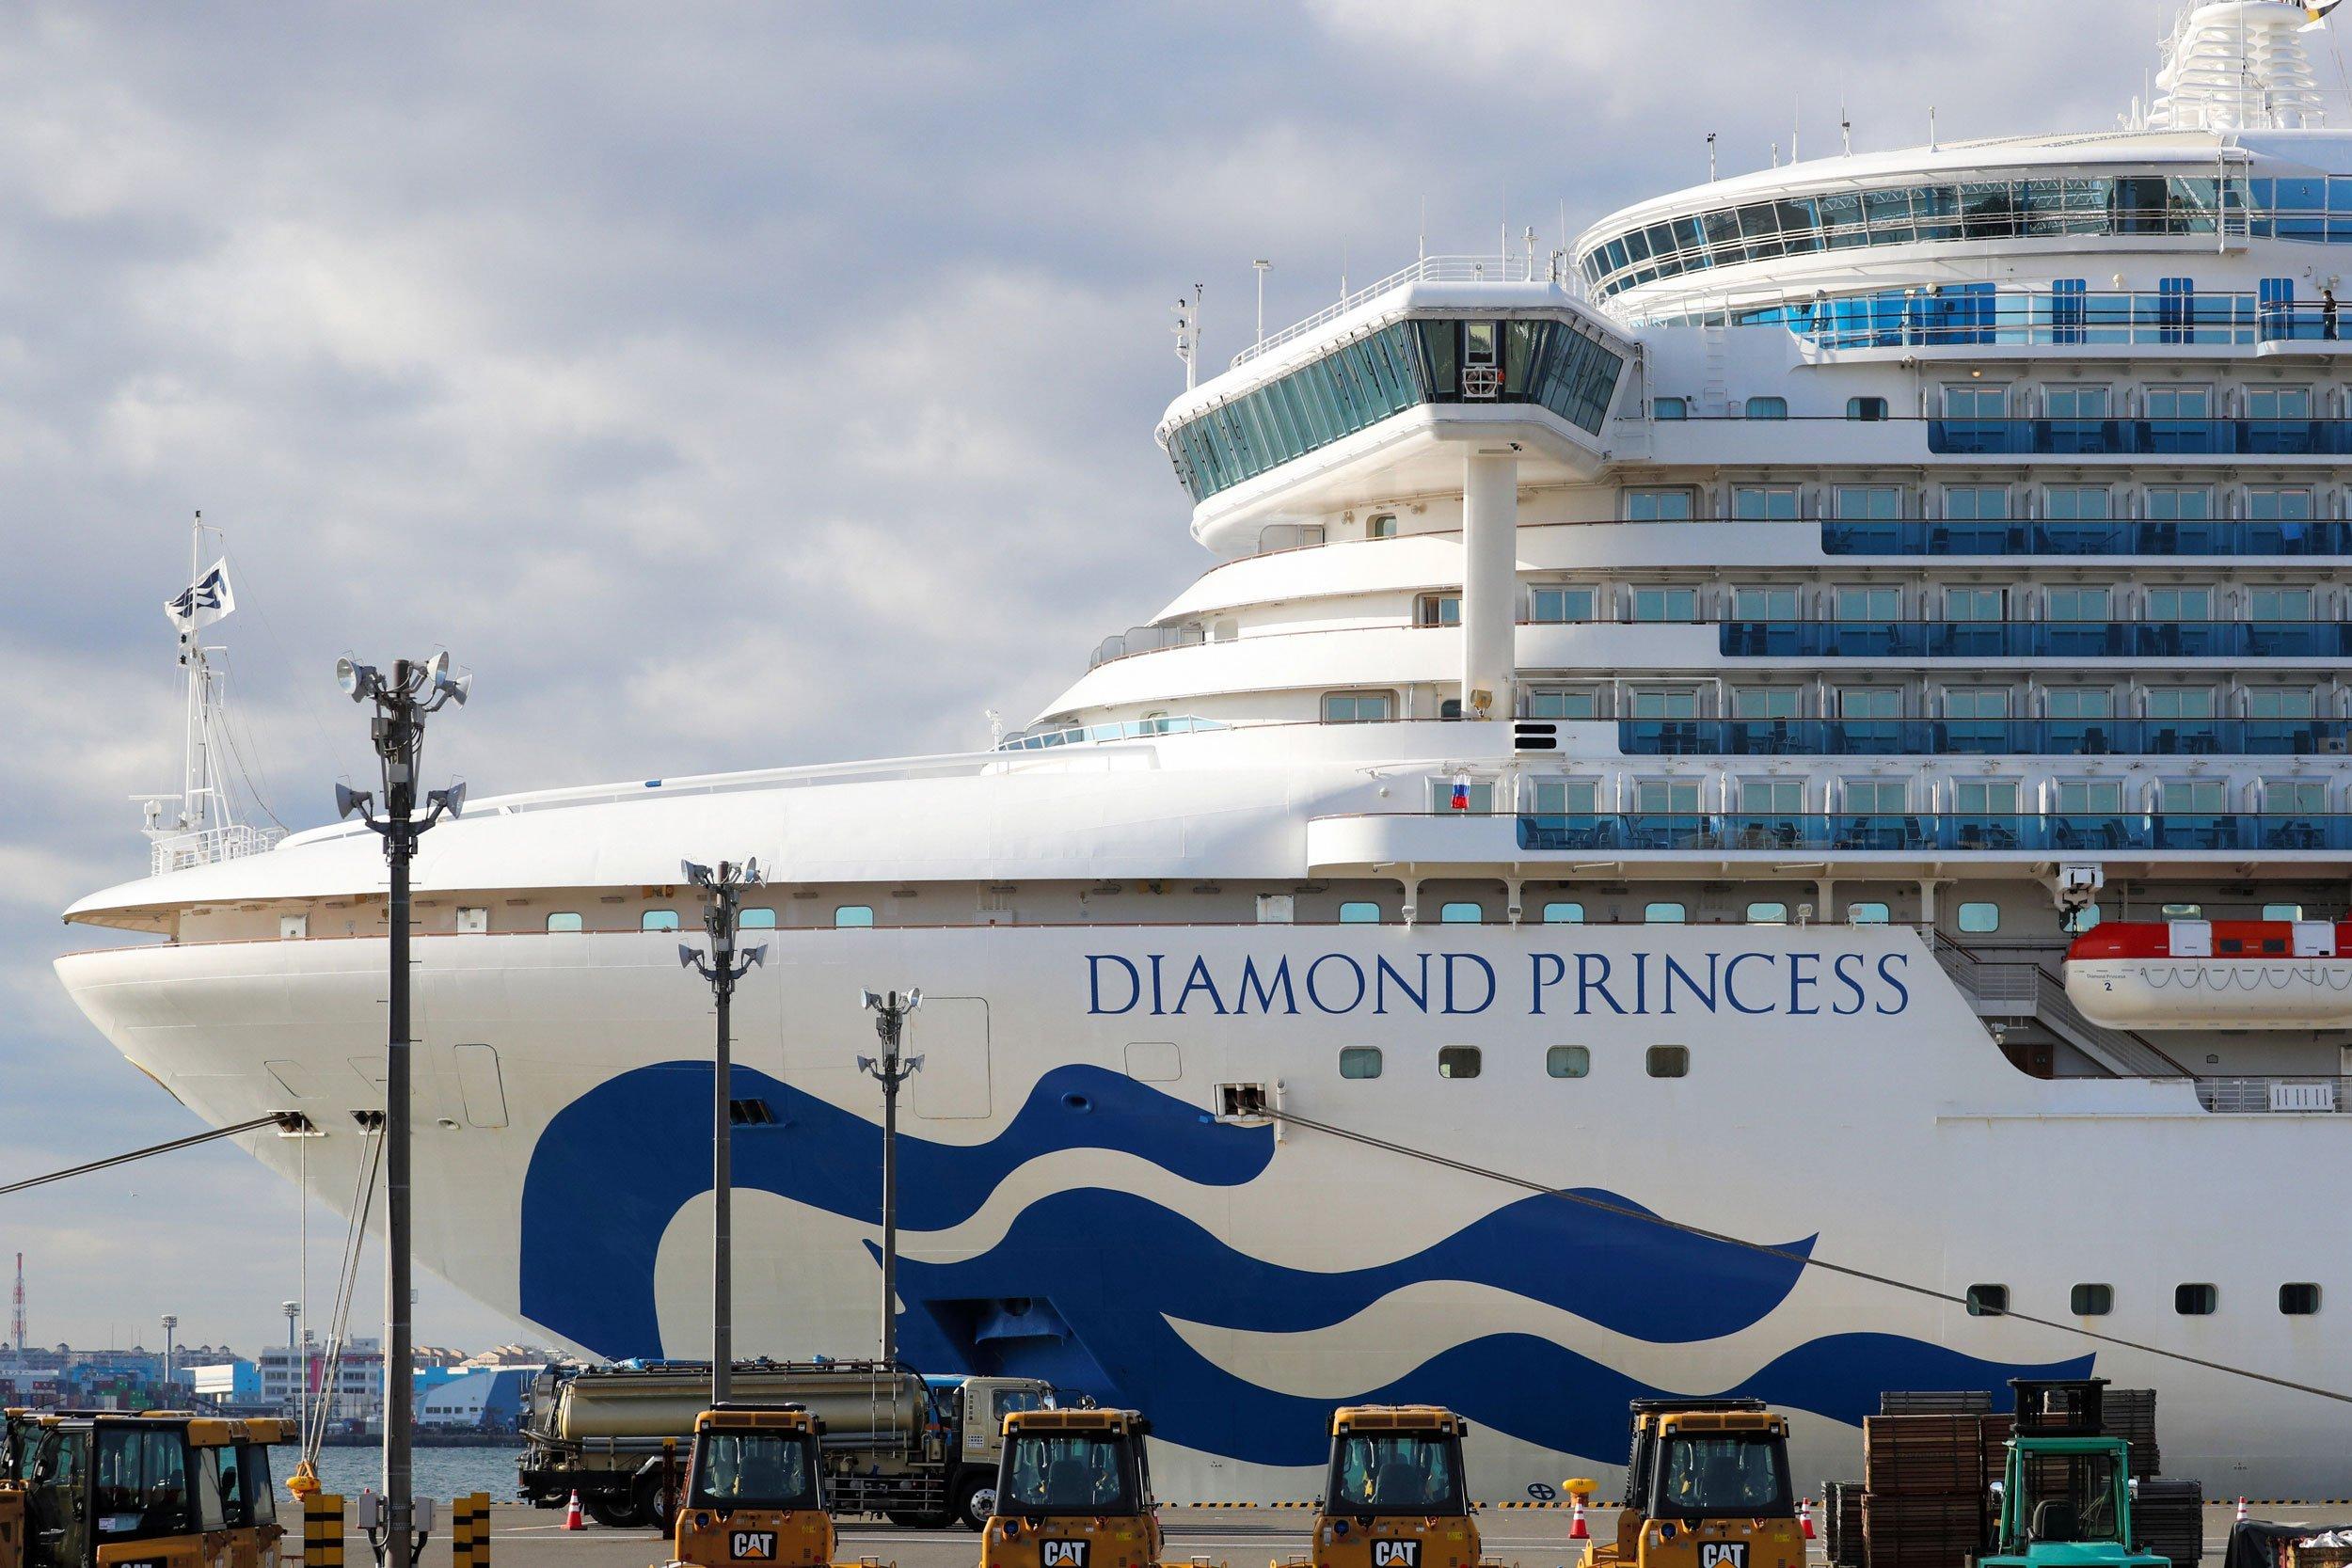 The stigma of having coronavirus: One California couple's experience after departing the Diamond Princess